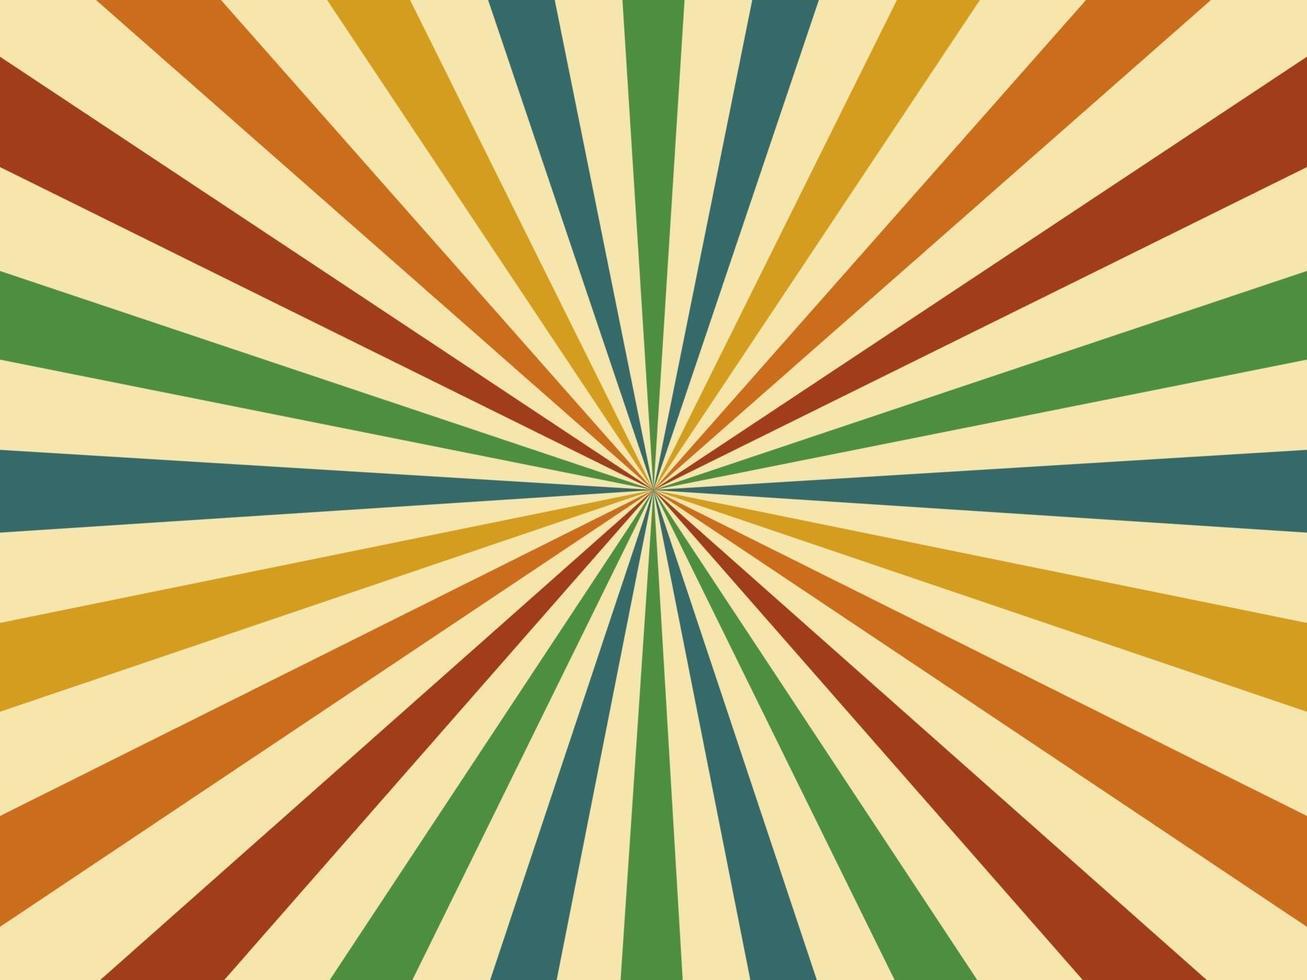 abstract. 60s kleurrijke retro stijl geometrische vintage achtergrond. vector. illustratie. vector